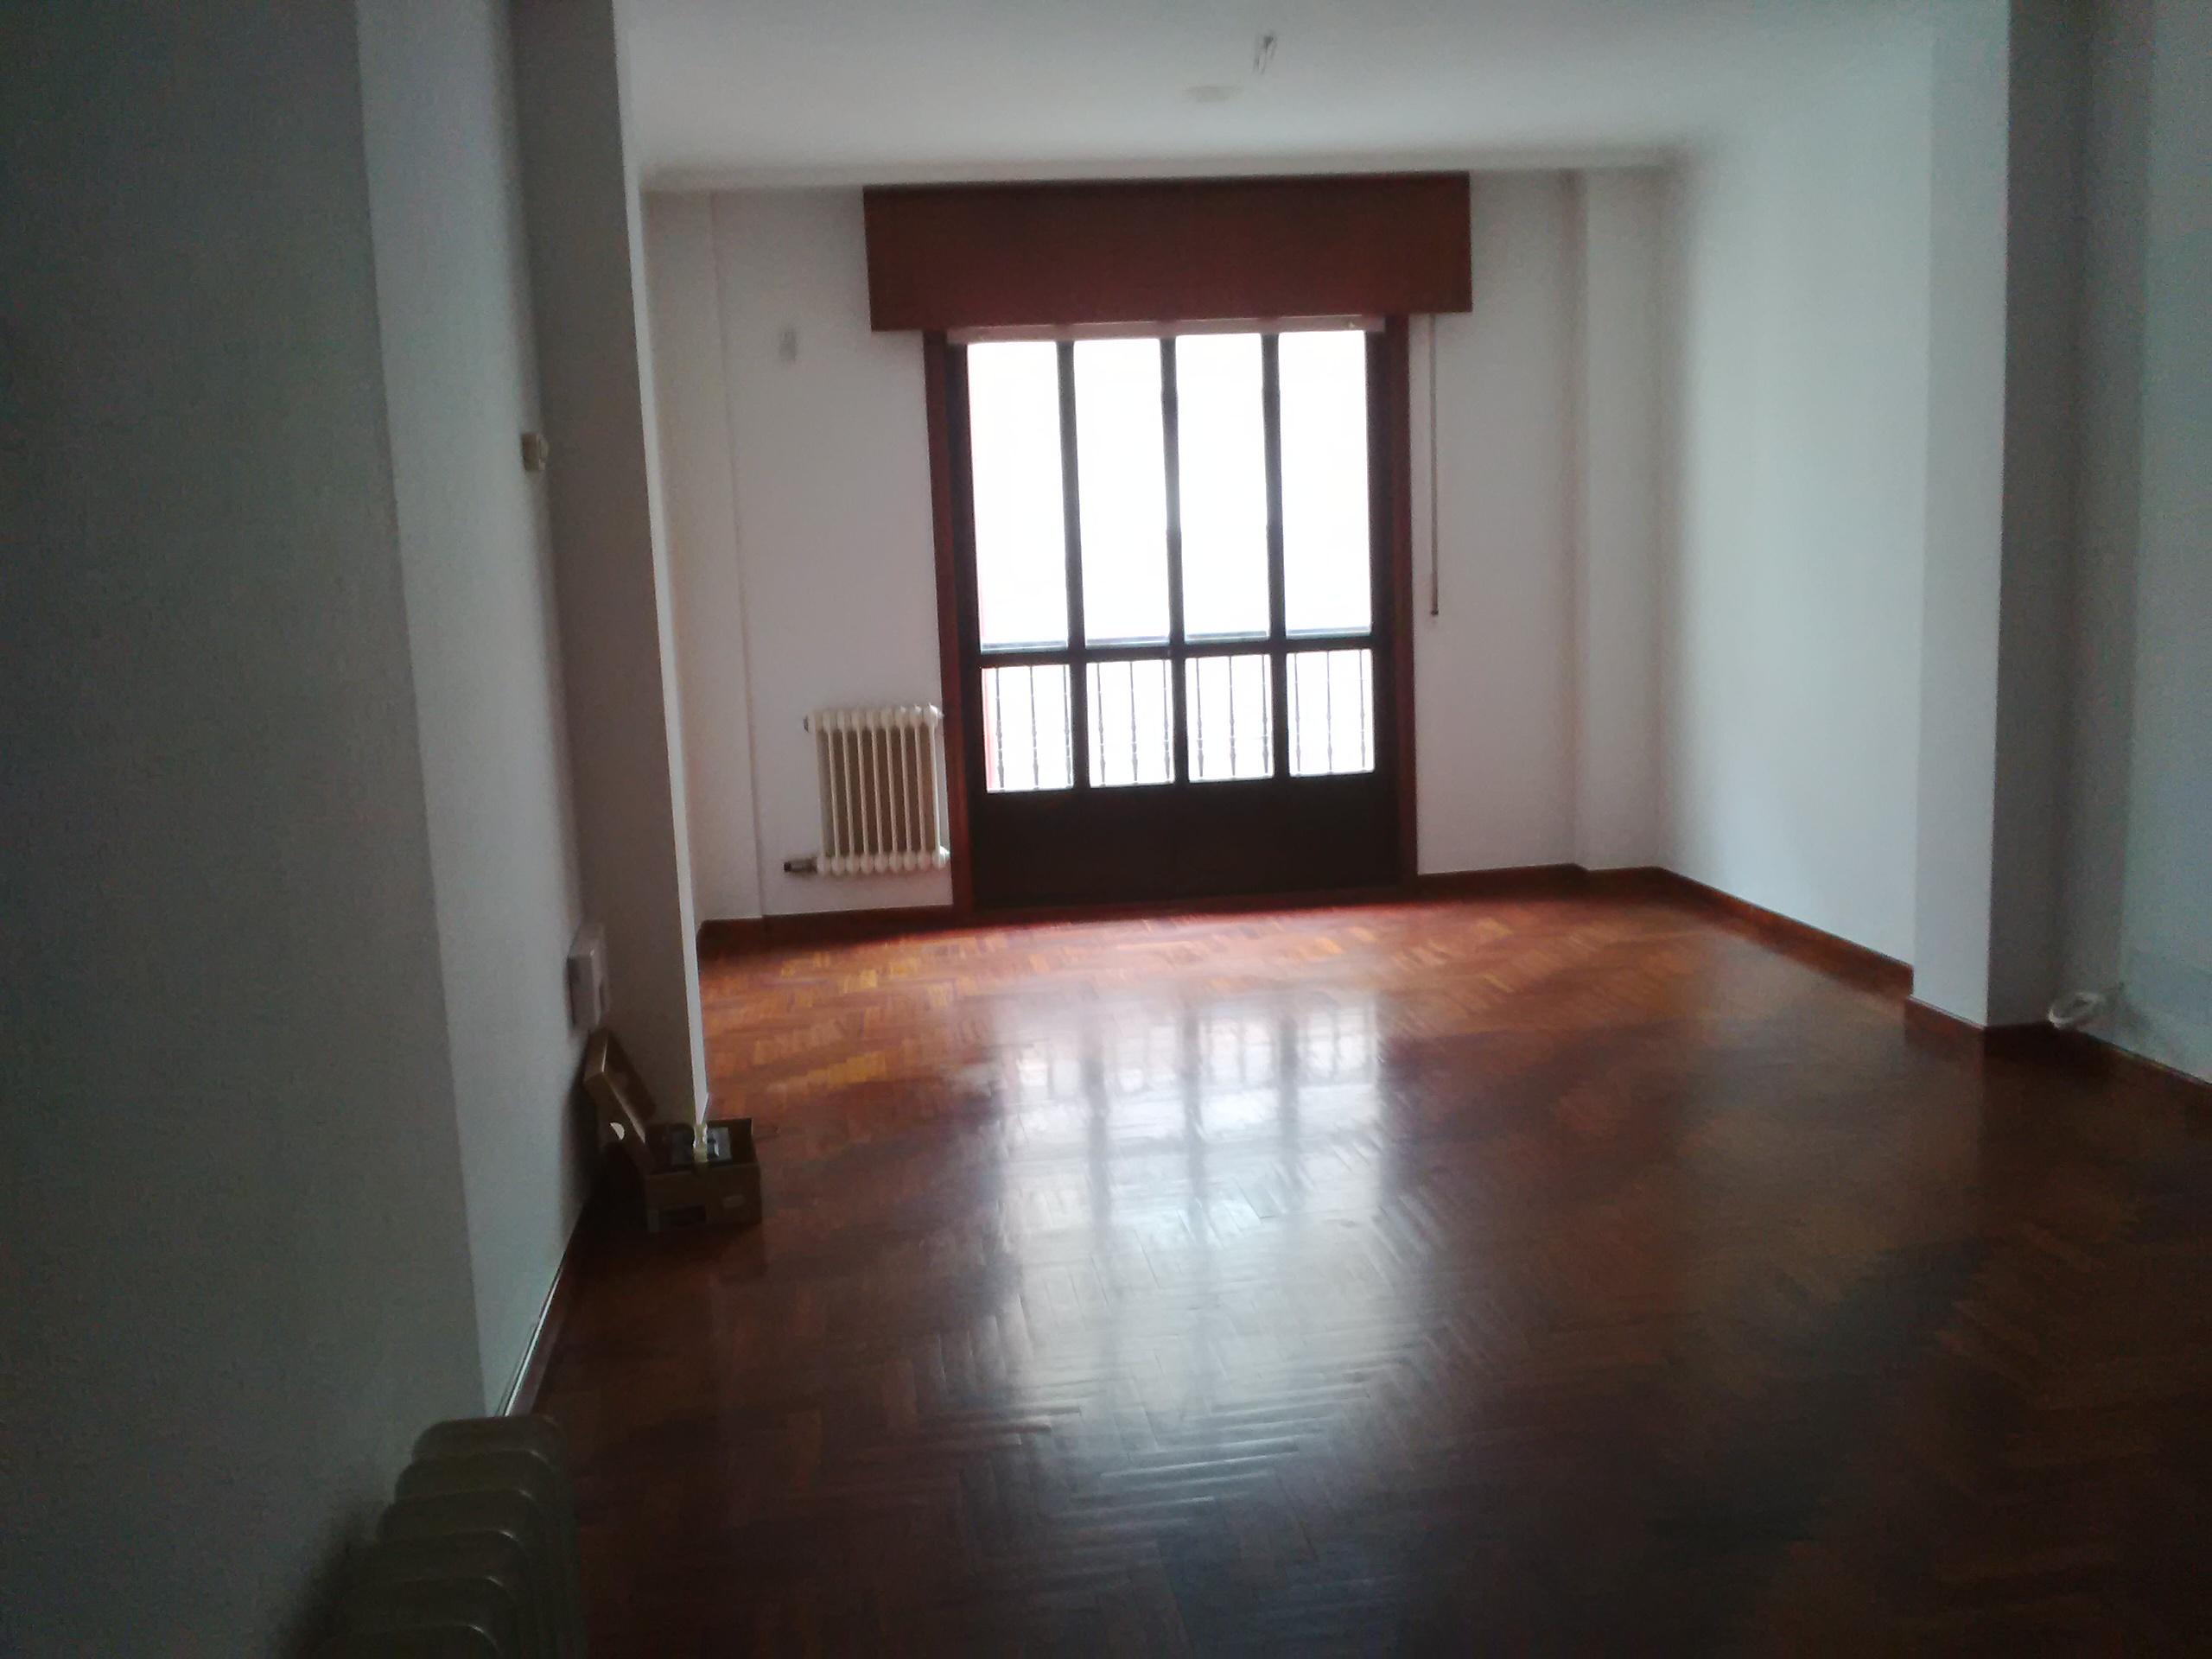 Piso en venta en Ponteareas, Pontevedra, Calle Daniel Ojea Esquina Alfonso Vazquez Fraile, 108.000 €, 3 habitaciones, 2 baños, 107 m2